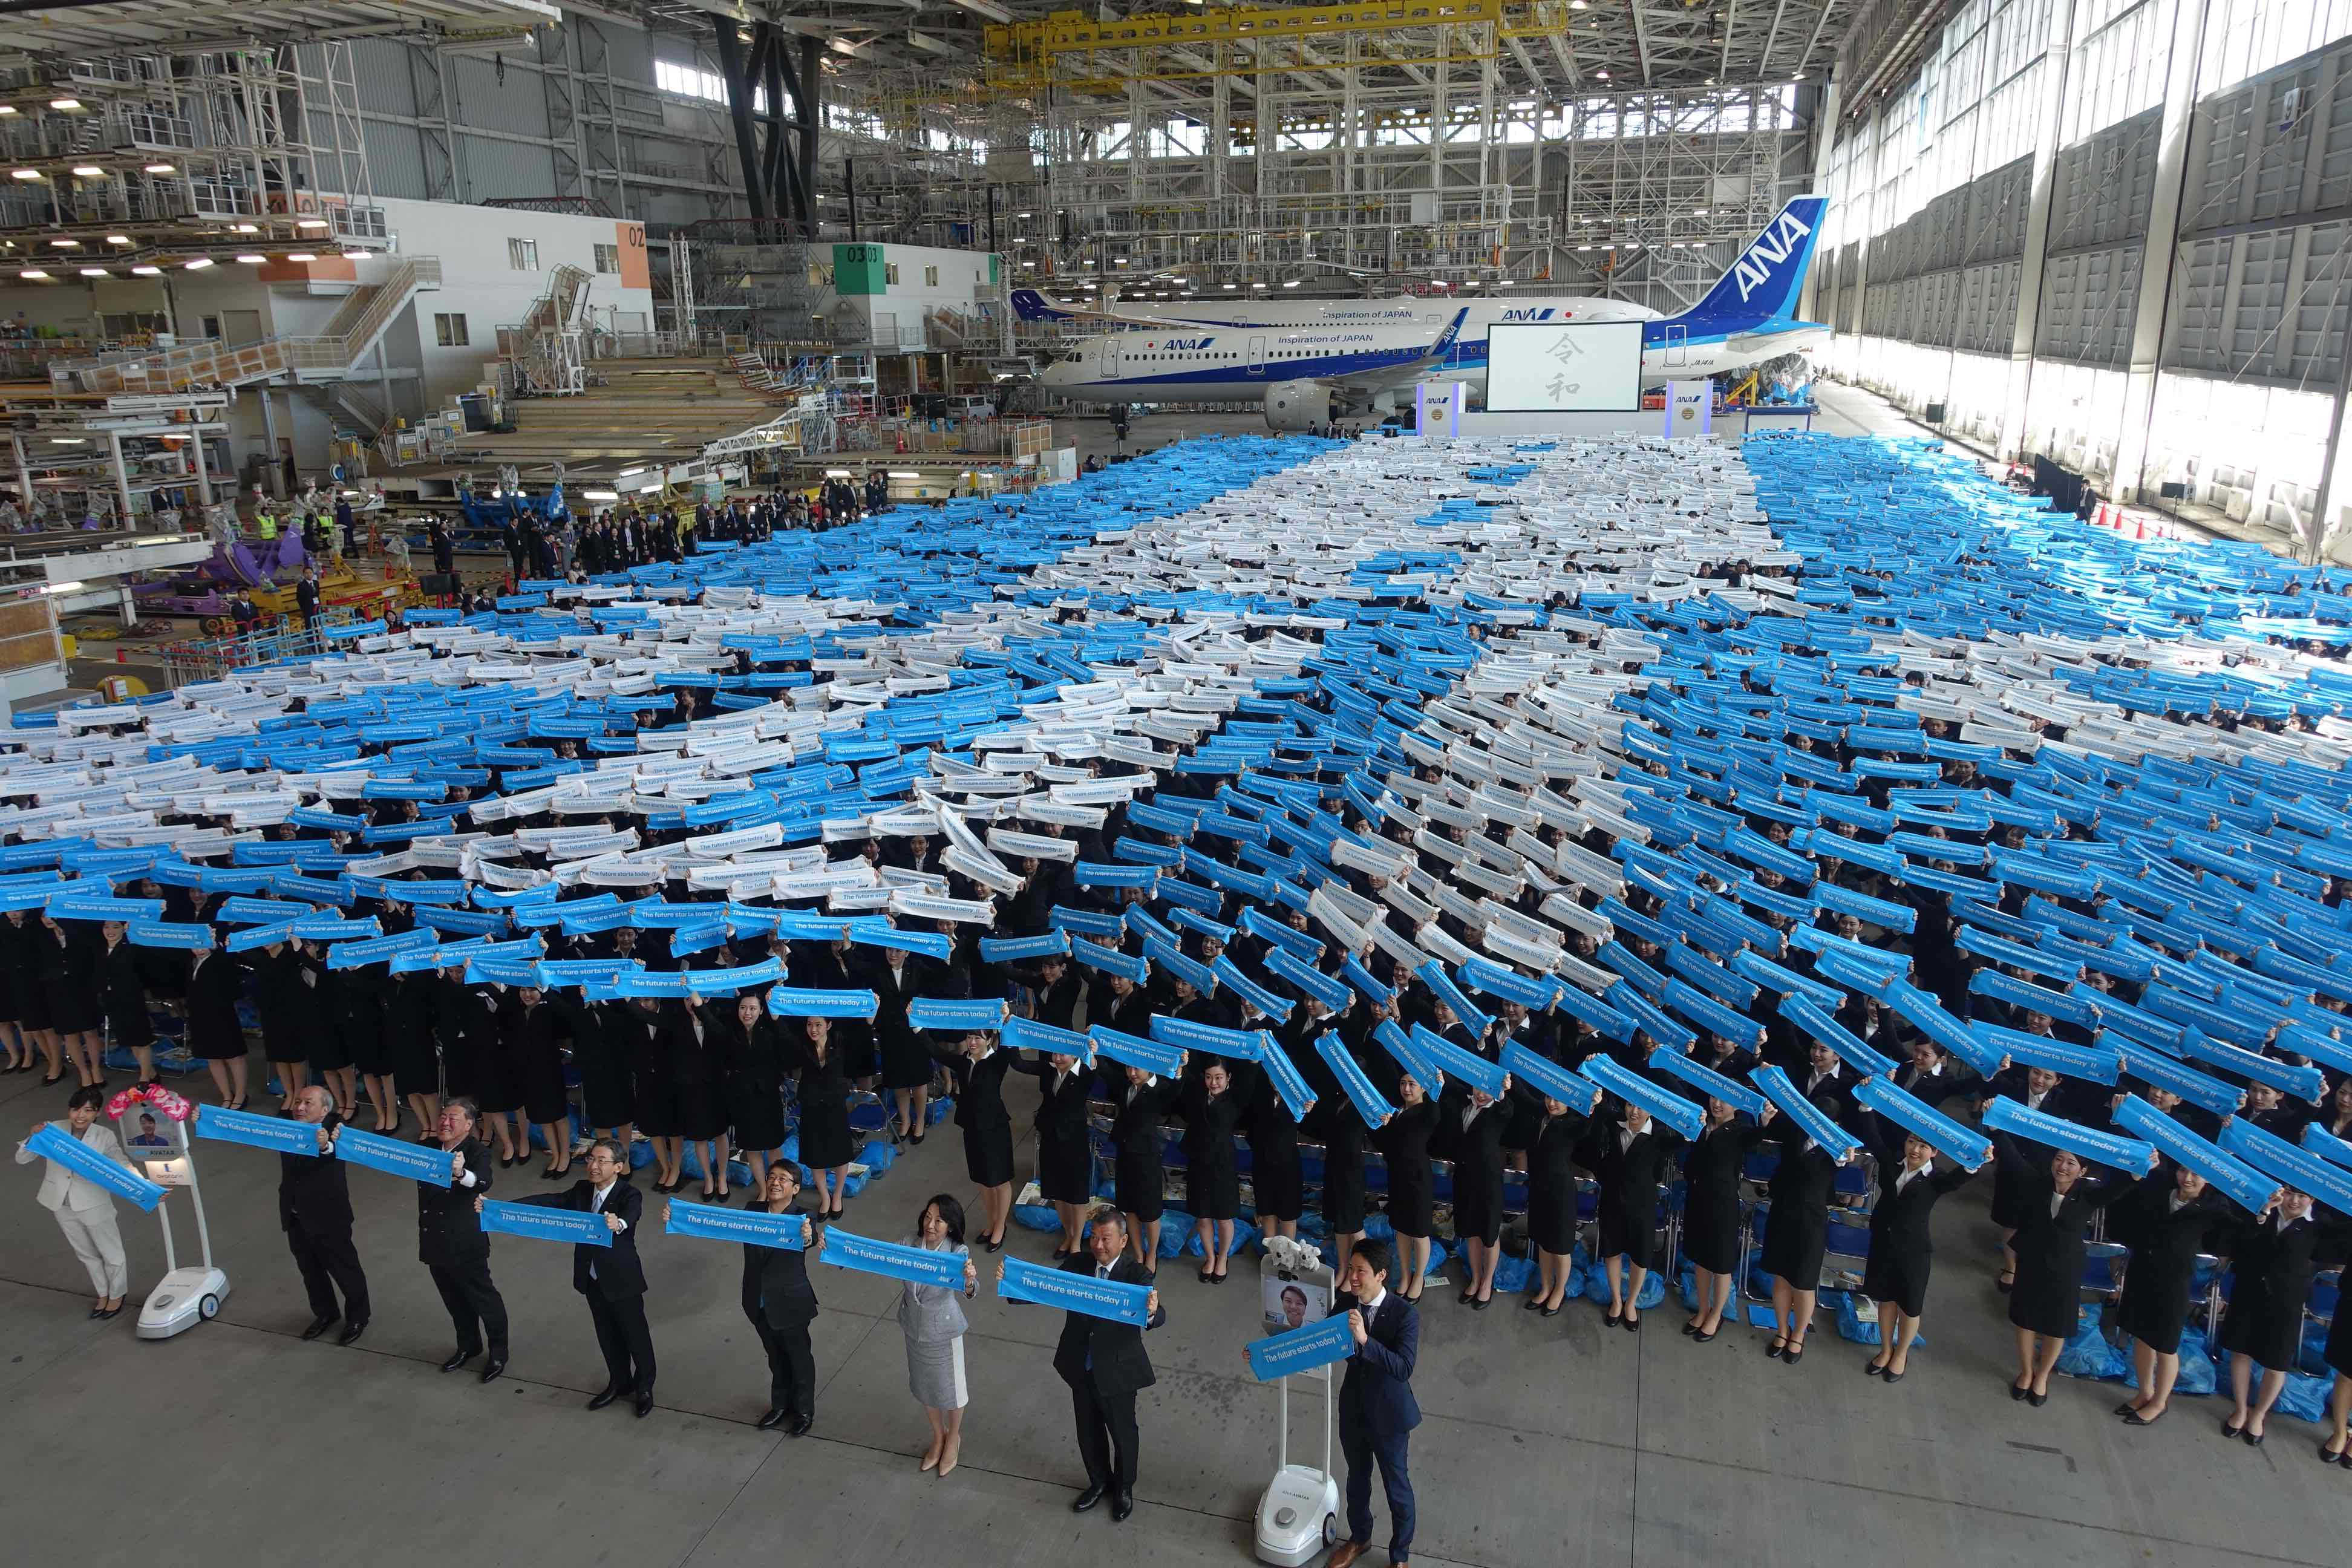 ANAグループ入社式、令和元年の新入社員は3463名、片野坂社長「安全がすべて」、アバターのデモでテクノロジー重視を強調